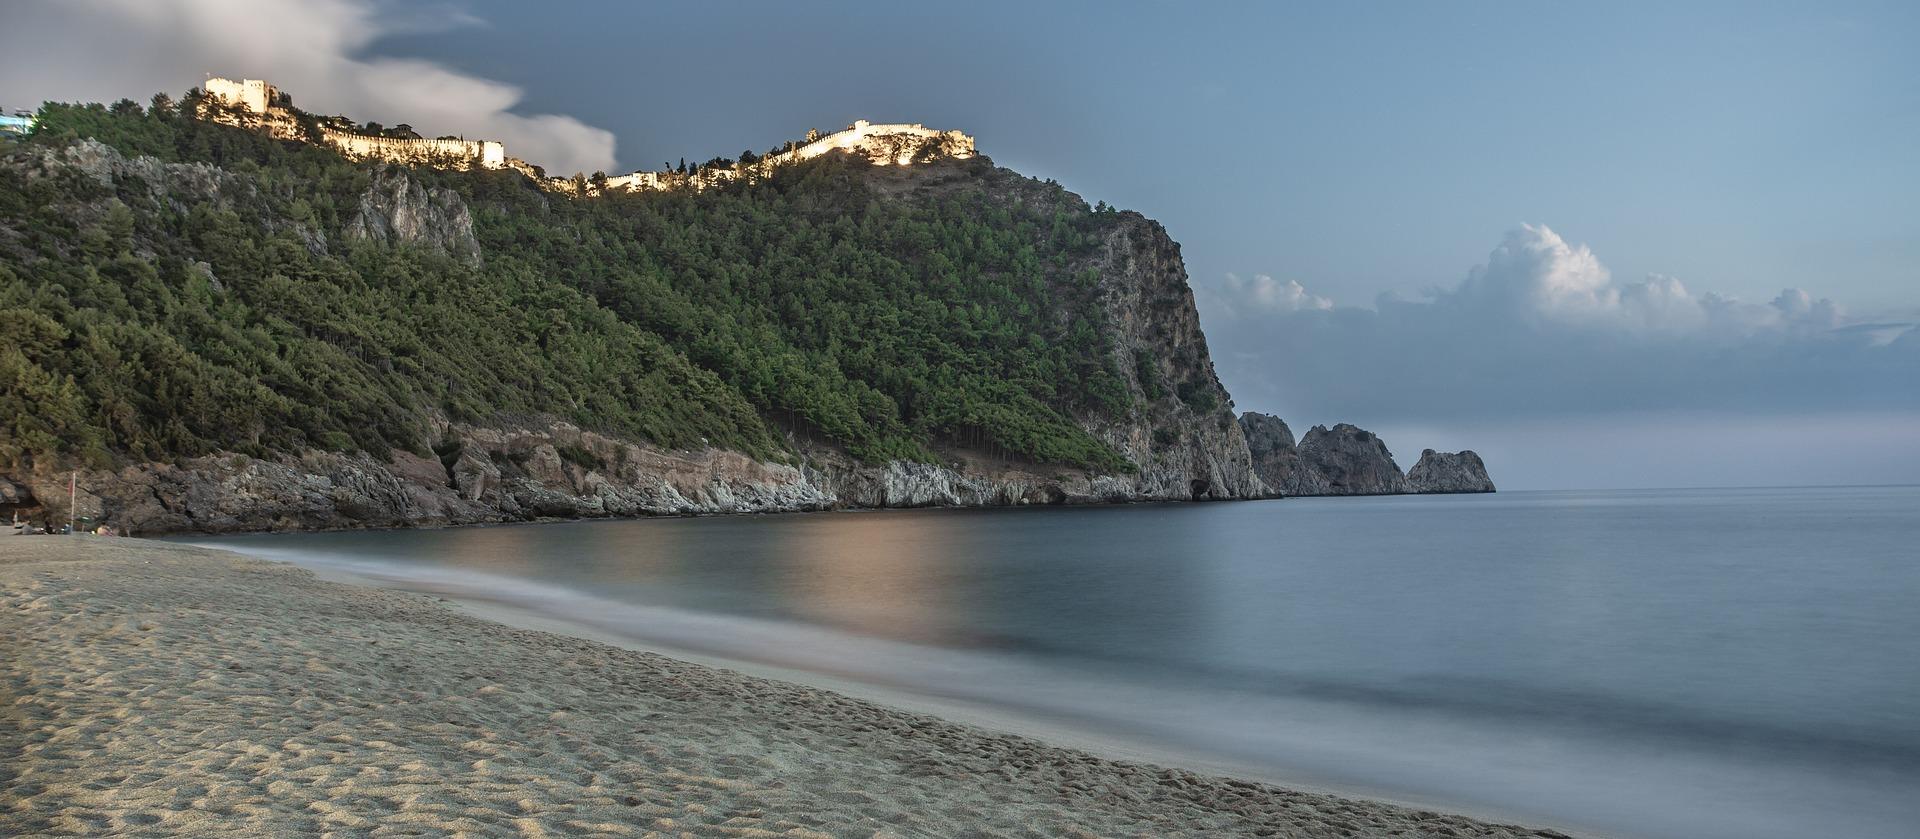 Single Urlaub in Side Eine Woche Türkei All Inclusive Ab 158,85€ das ist doch der Knaller